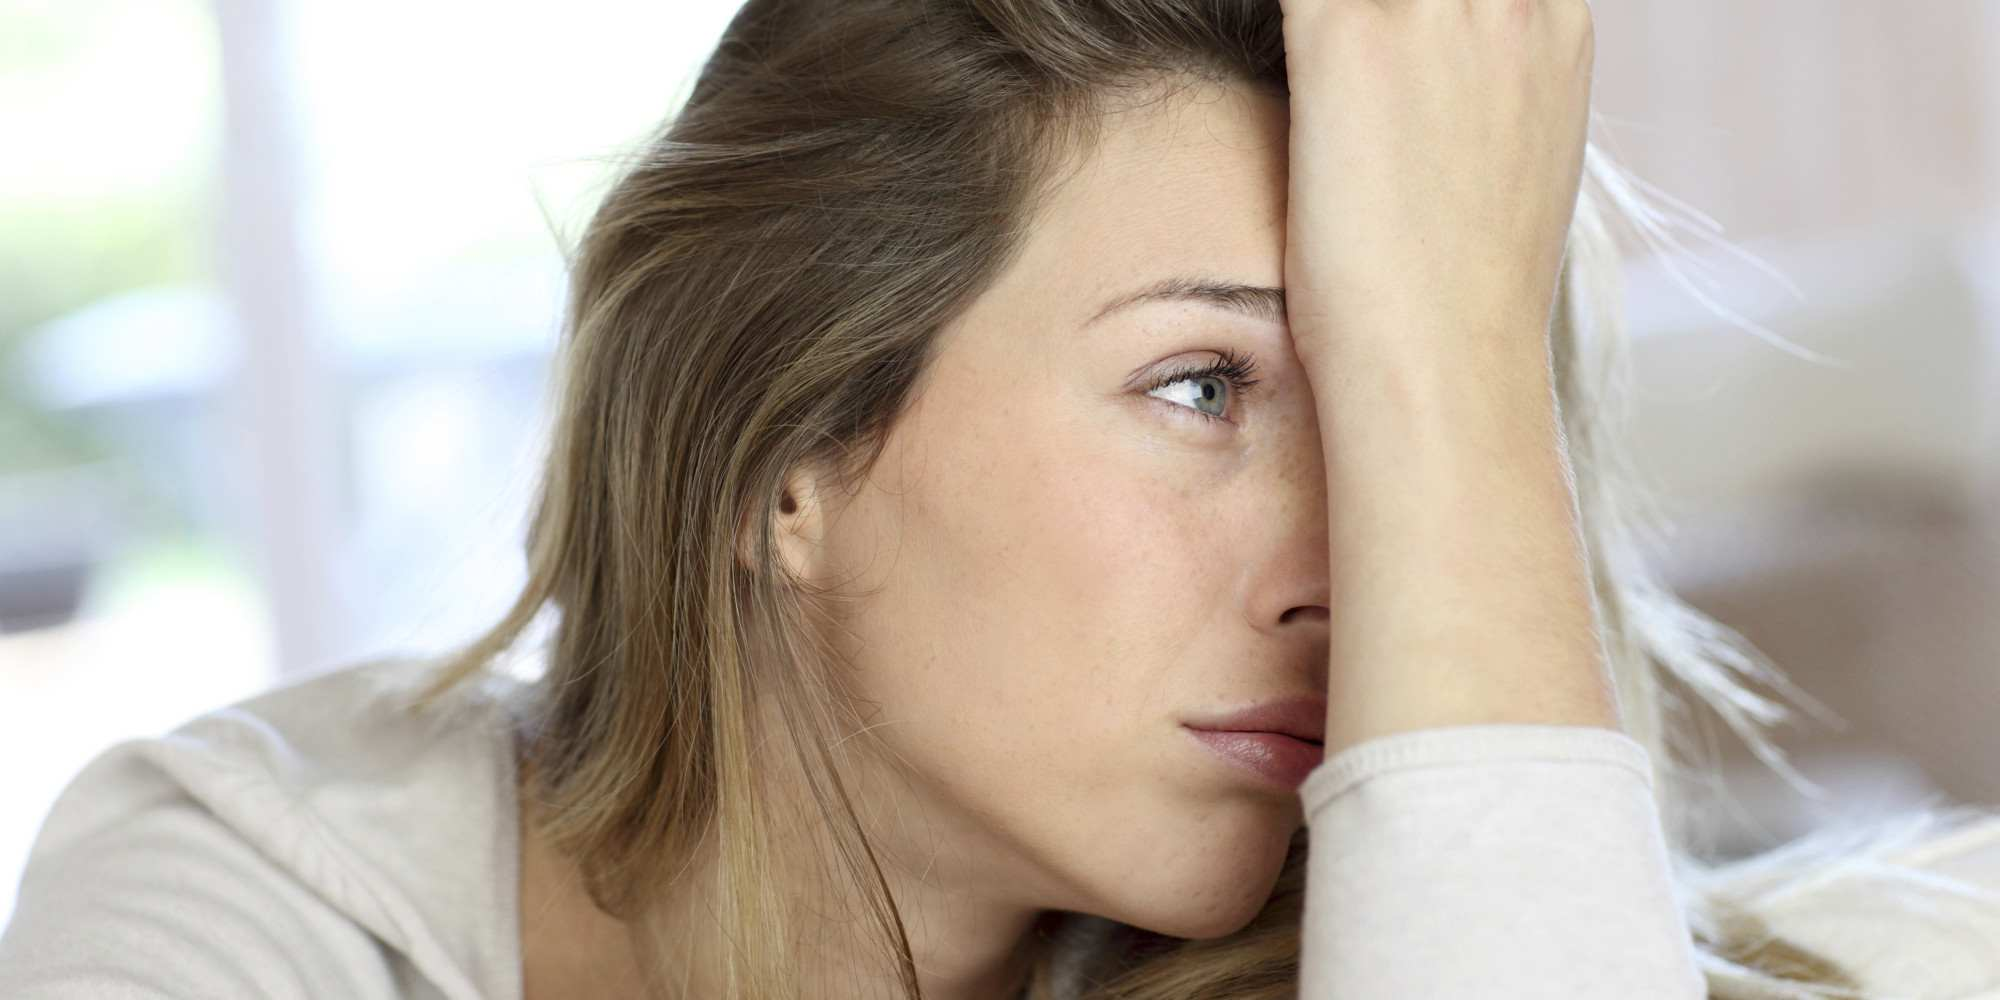 . Hàm lượng canxi cao cũng có thể gây mất nước (do tiểu nhiều) khiến người bệnh cảm thấy mệt mỏi hay buồn ngủ và lú lẫn.